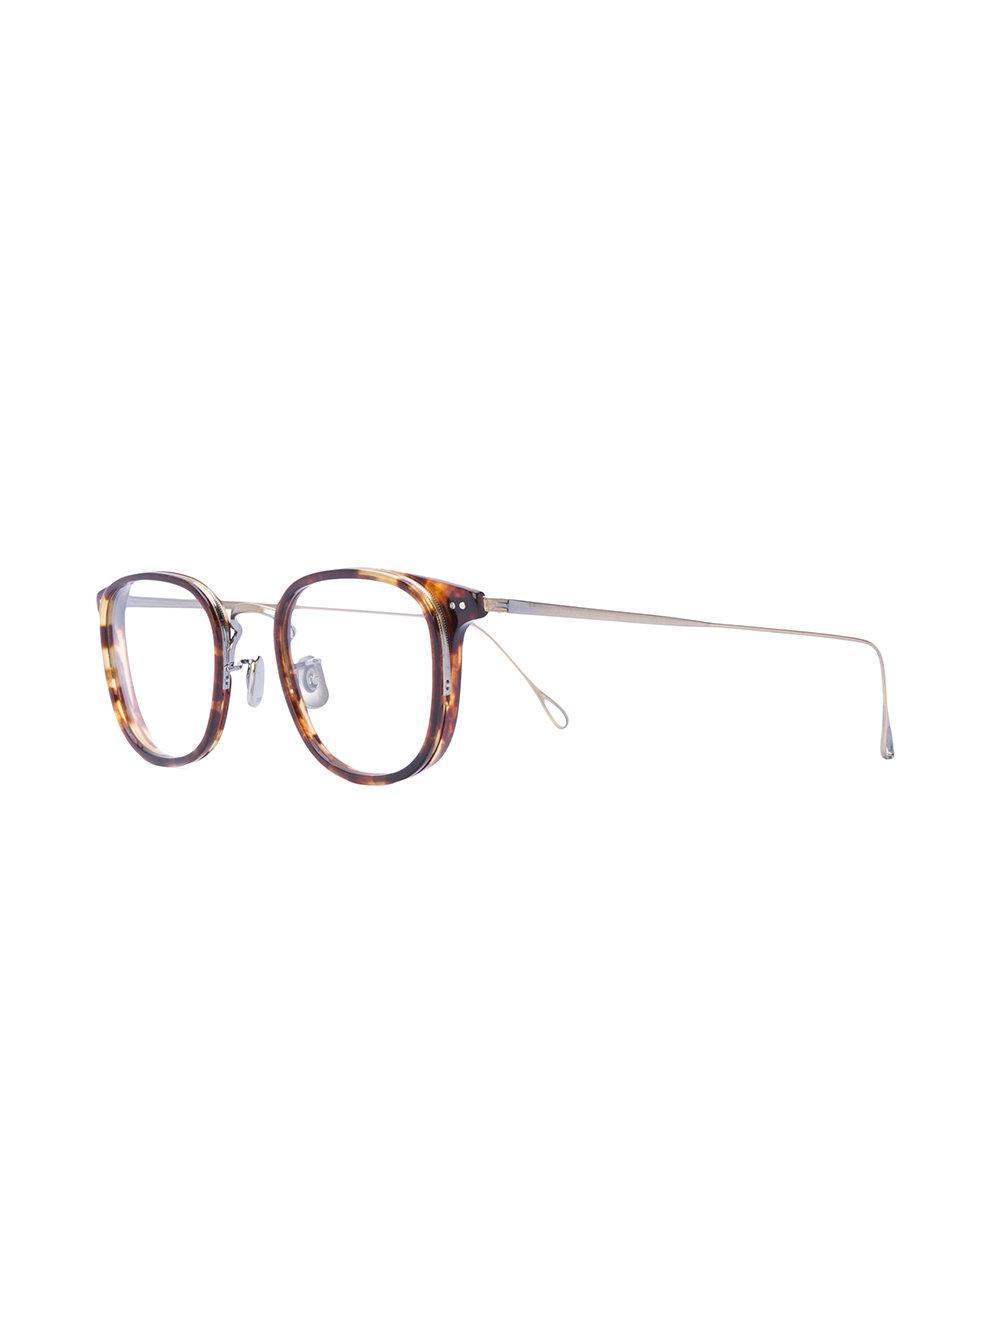 79b7edce36d4 Lyst - Eyevan 7285 Tortoiseshell Square Frame Glasses in Brown